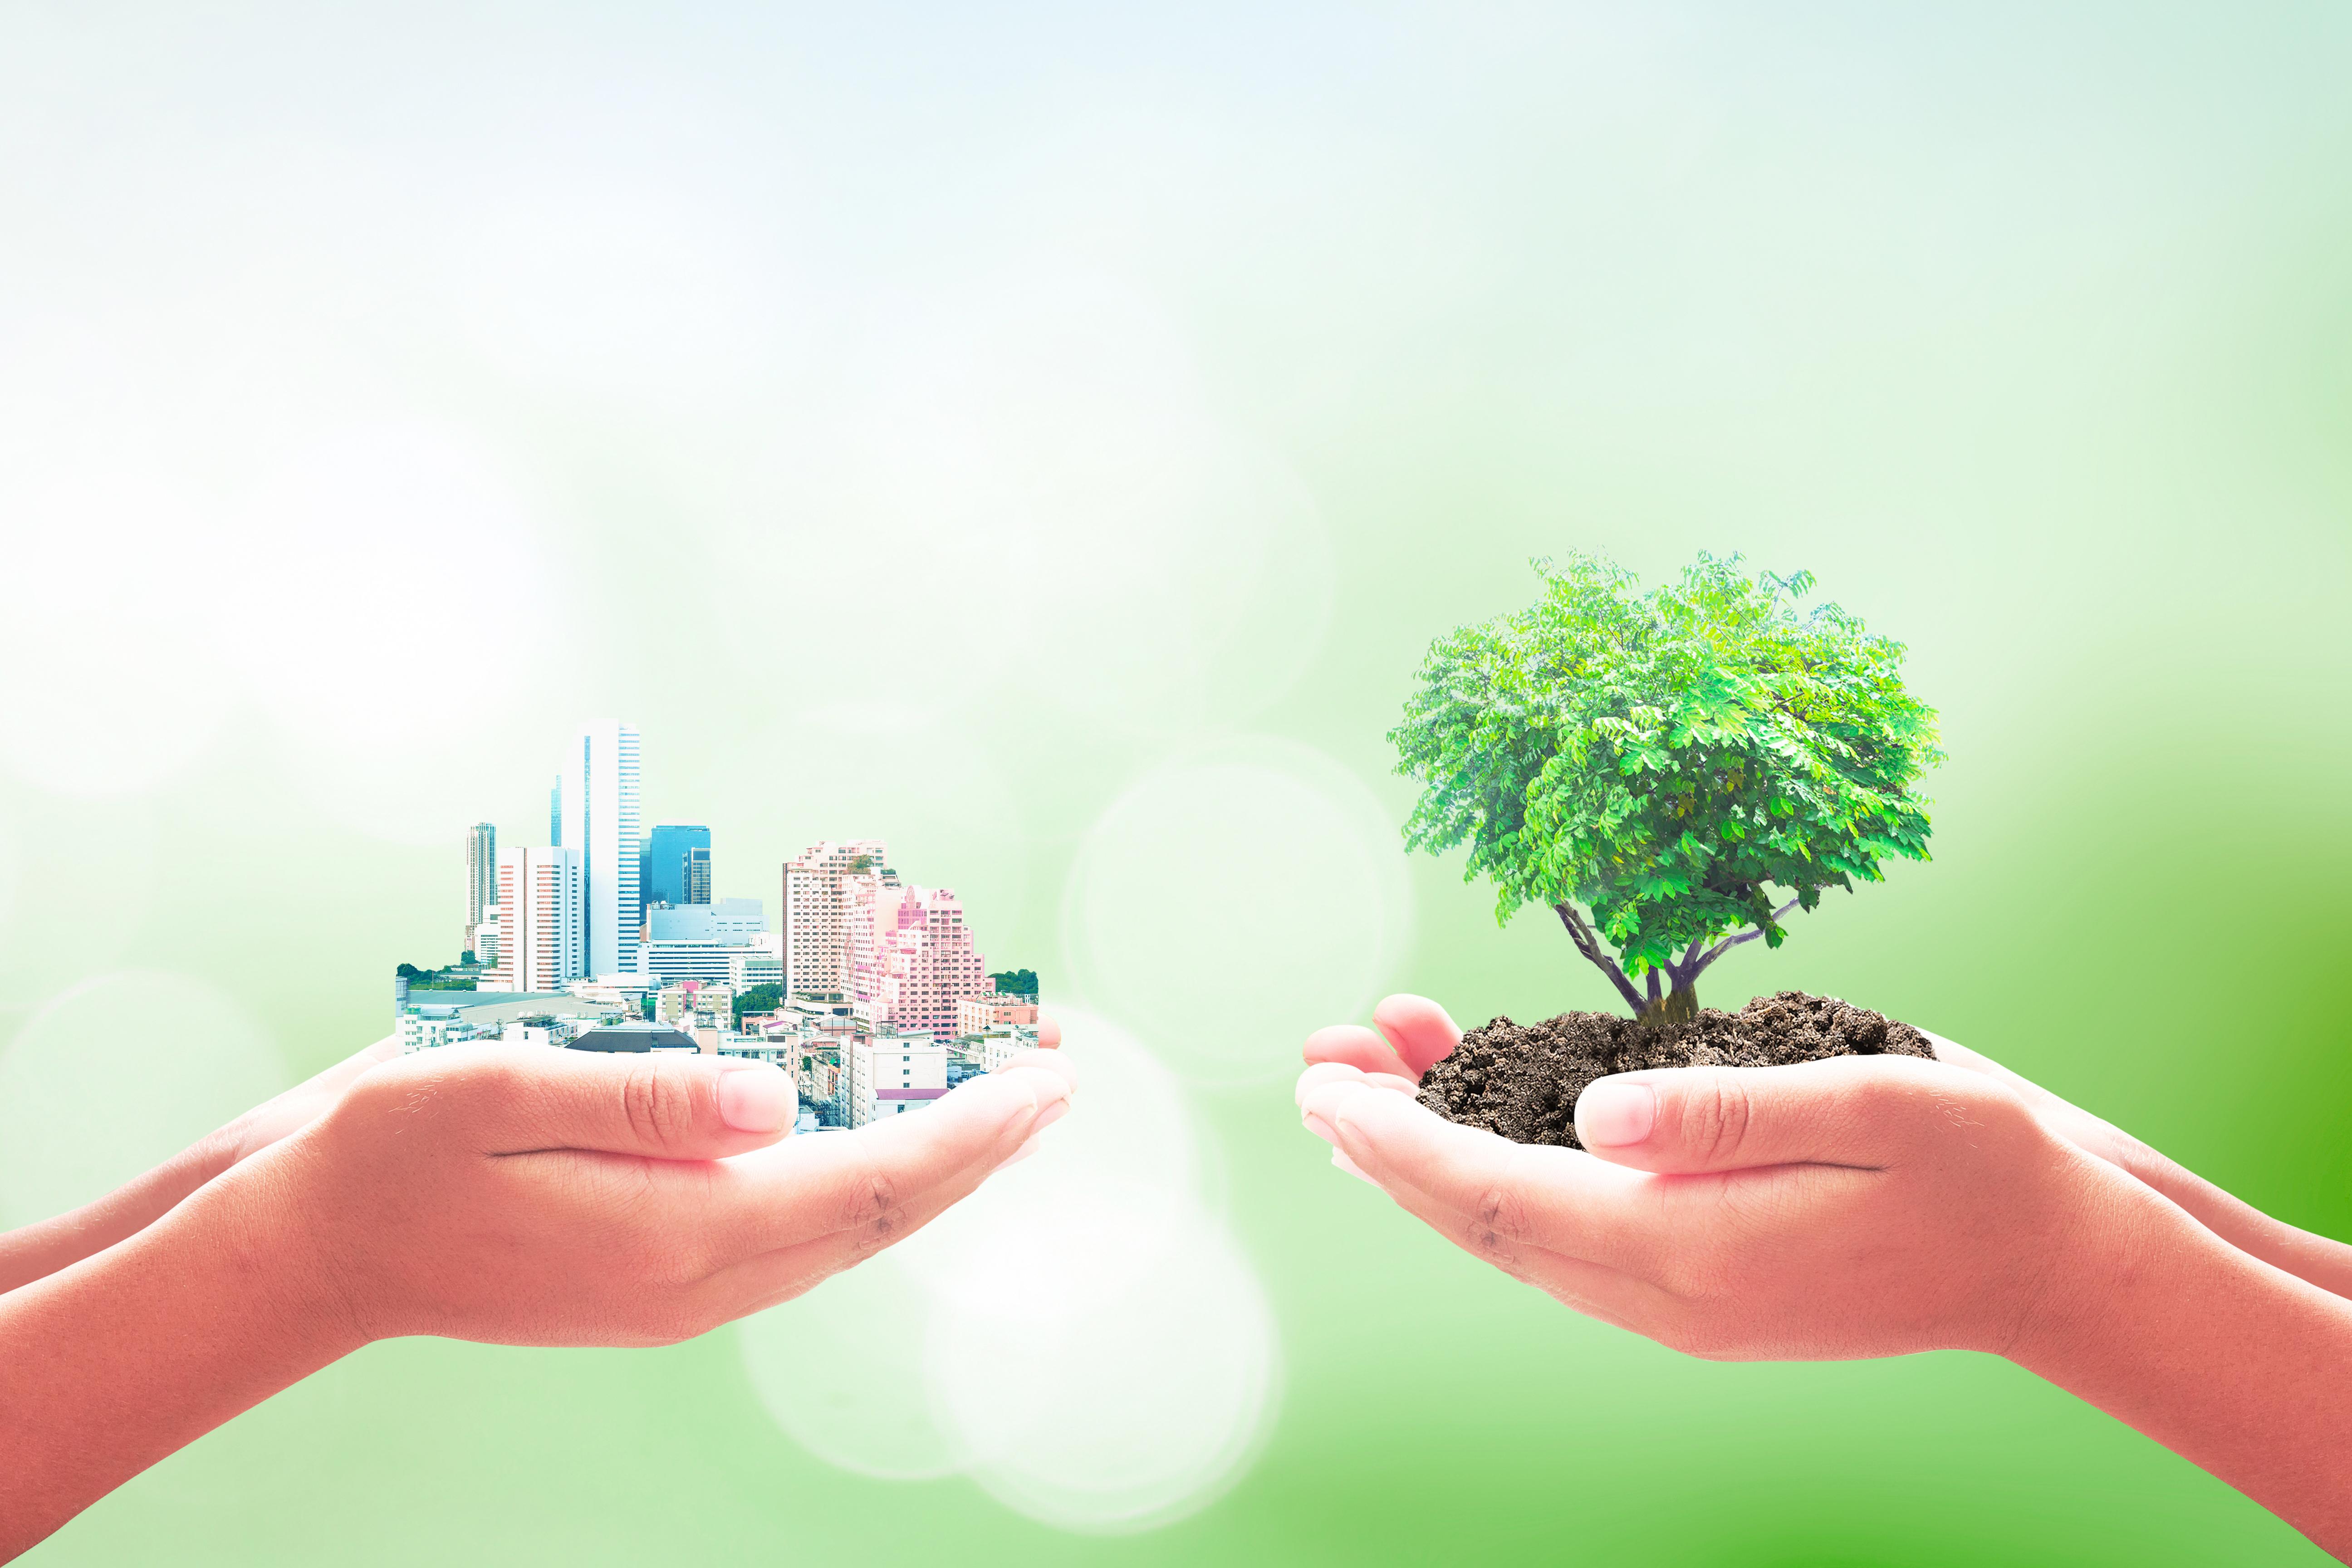 social-entrepreneurship-a-stride-towards-social-development